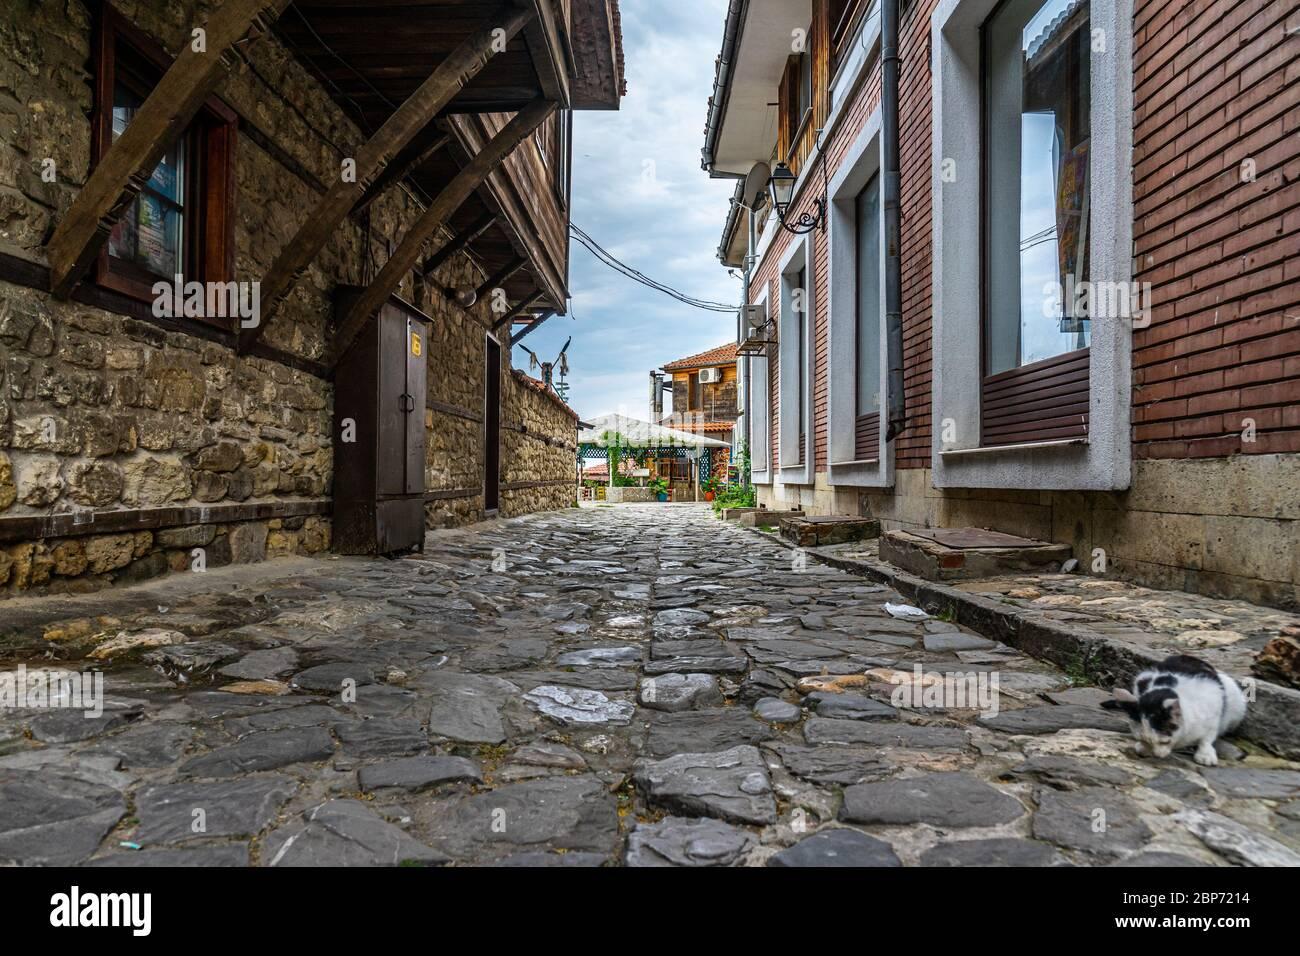 NESSEBAR, Bulgarie - 22 juin 2019: Belle et ruelle de l'ancienne ville de bord de mer. Rues désertes en début de matinée. Banque D'Images